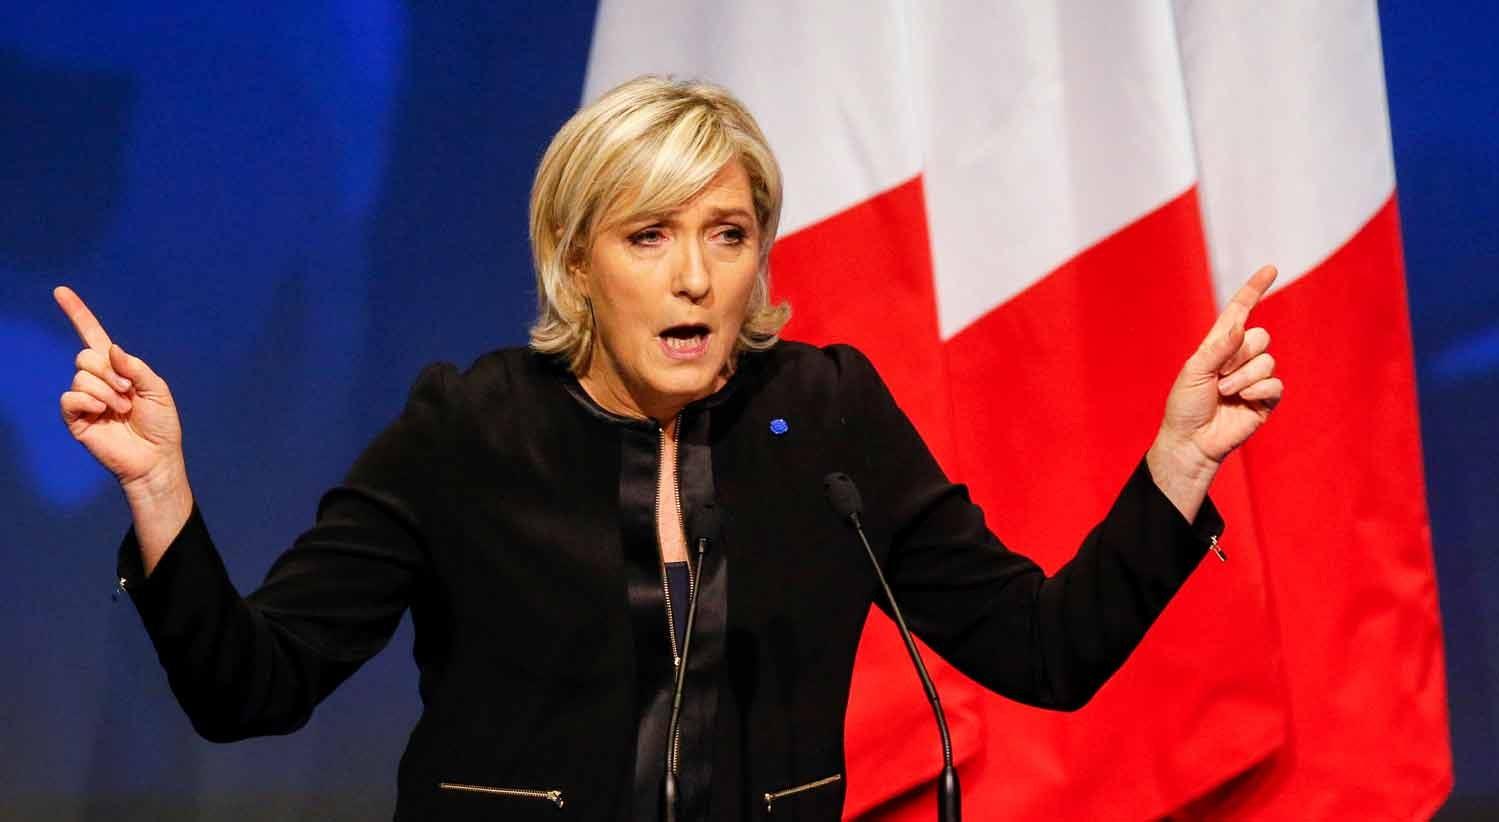 Marine Le Pen quer retirar dupla nacionalidade aos judeus franceses